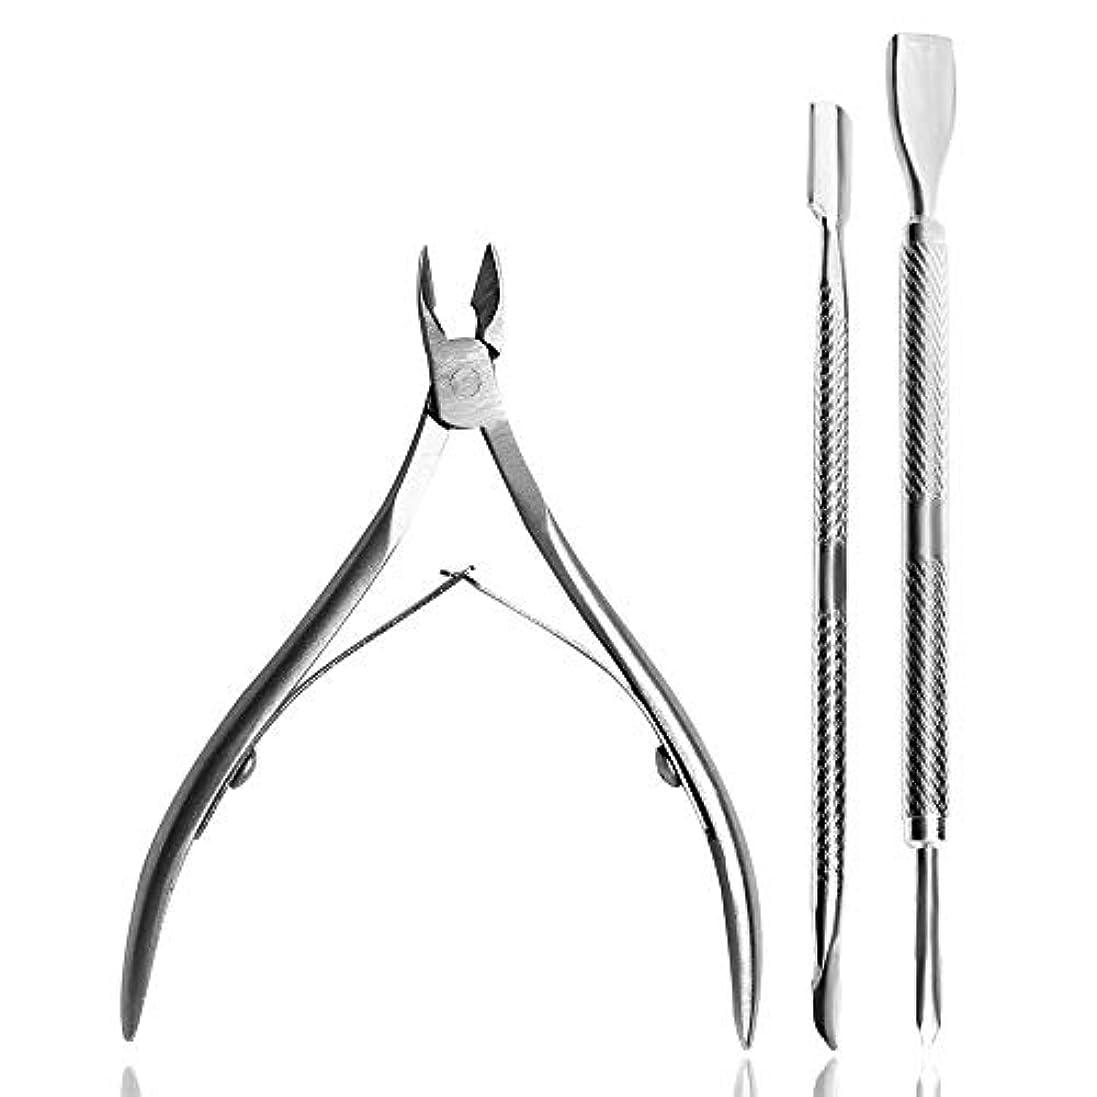 ボランティアキネマティクス競争力のあるキューティクルリムーバー 医療用グレード ステンレス キューティクルニッパー 甘皮リムーバー マニキュア ペディキュア & 美容 ツール 爪 足爪 用